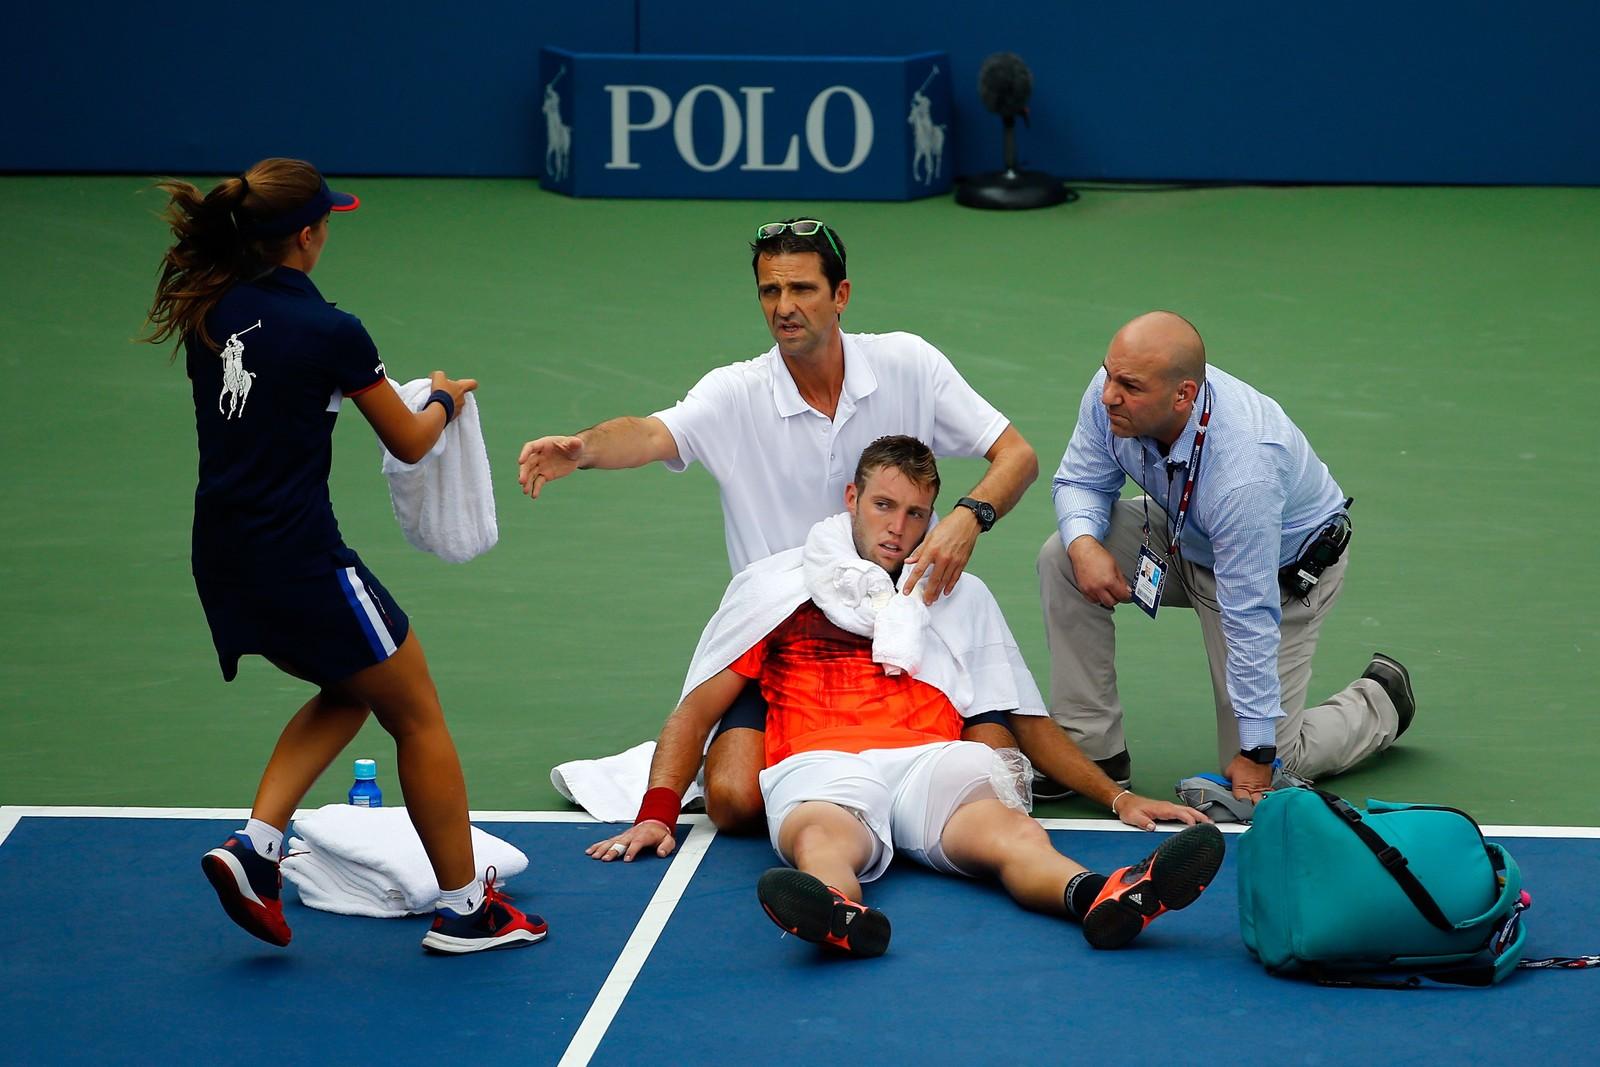 Amerikanske Jack Sock får hjelp etter at varmen fikk ham til å kollapse under en kamp i US Open. Sock ledet 2-1 i sett mot belgieren Ruben Bemelmans, da han fikk krampe og måtte hjelpes av banen.